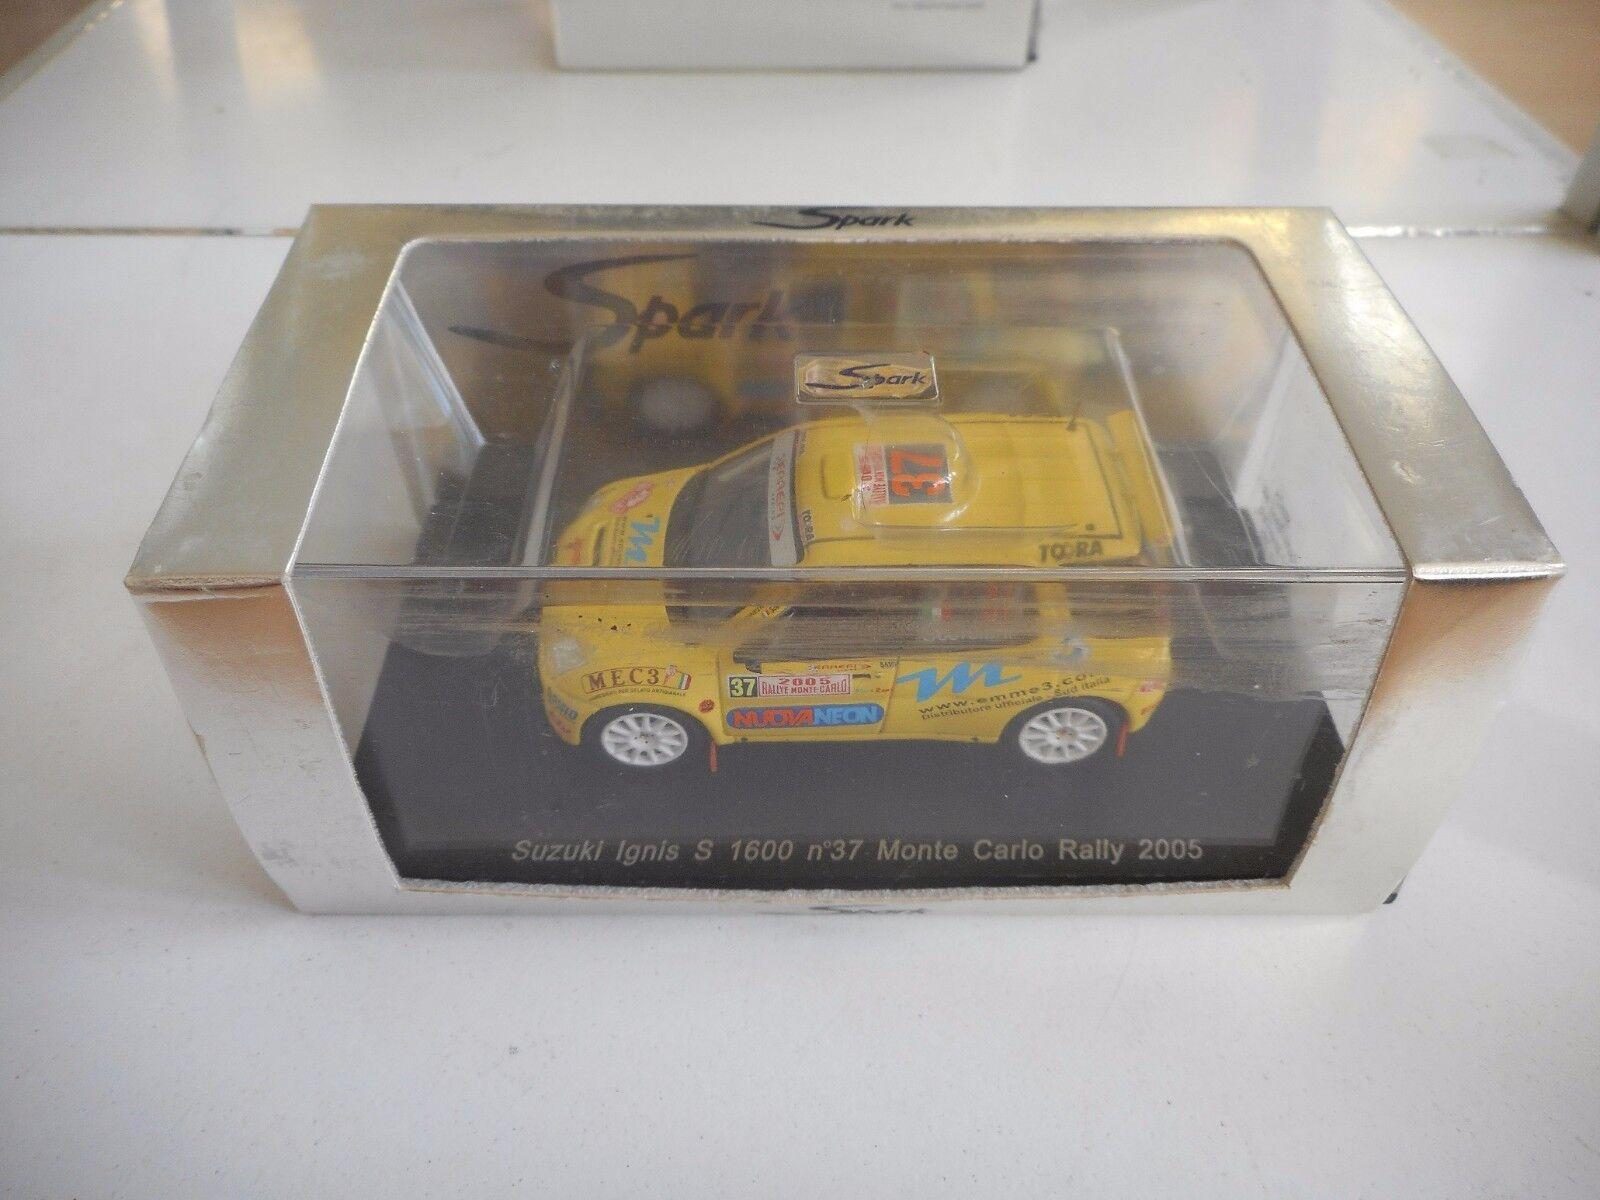 los nuevos estilos calientes Spark Suzuki Ignis S 1600 Monte Monte Monte Cochelo Rally 2005 in amarillo on 1 43 in Box  soporte minorista mayorista